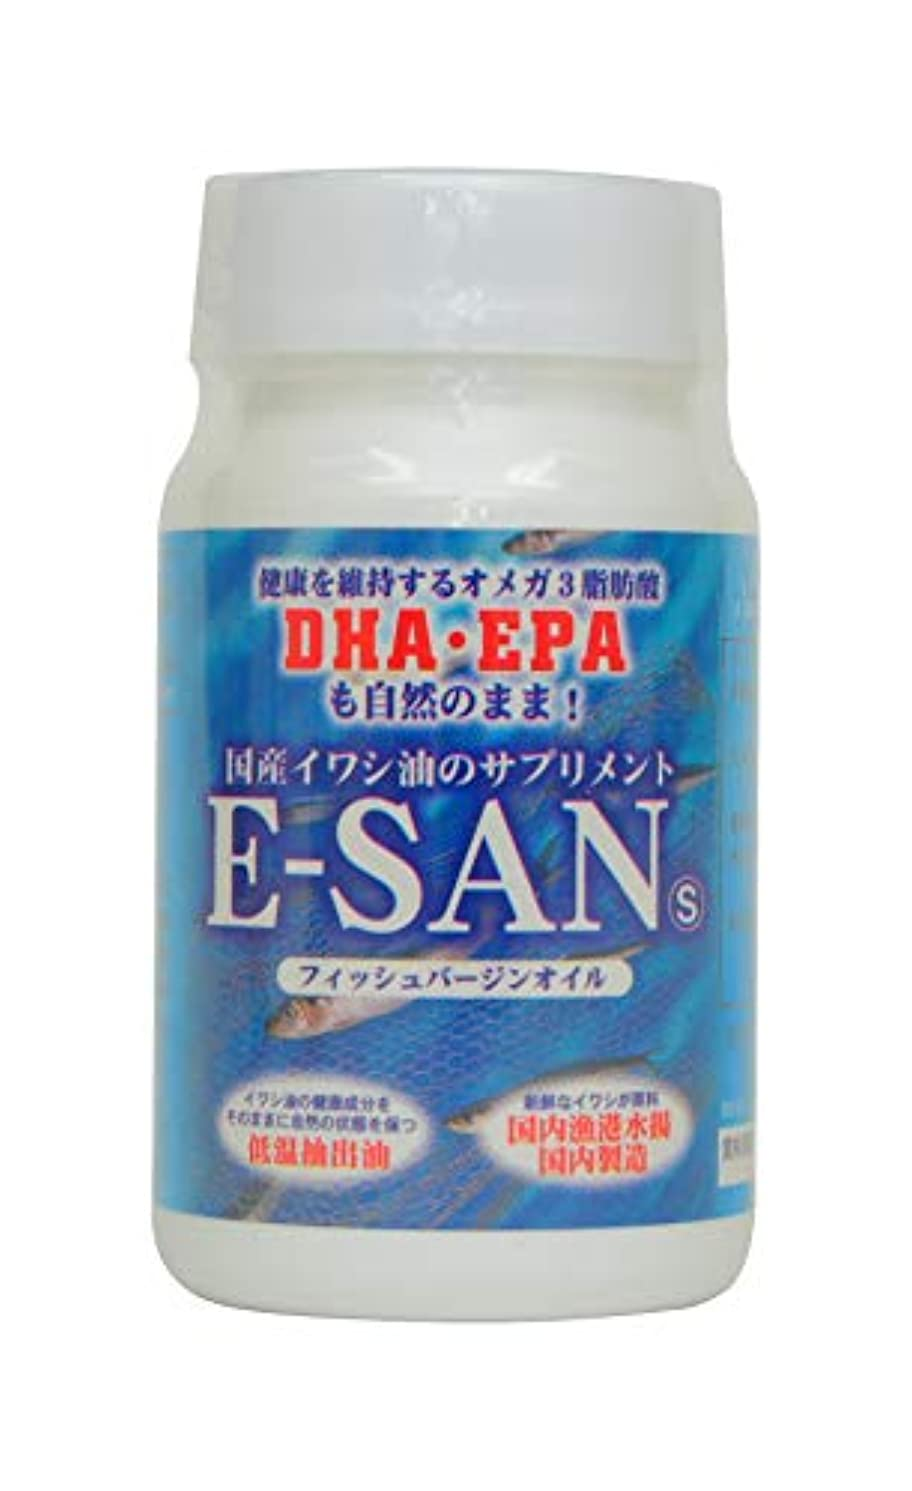 ファイアル感謝祭詳細にE-SAN イーサン 150粒 国産 イワシ油 EPA DHA オメガ3脂肪酸 サプリメント